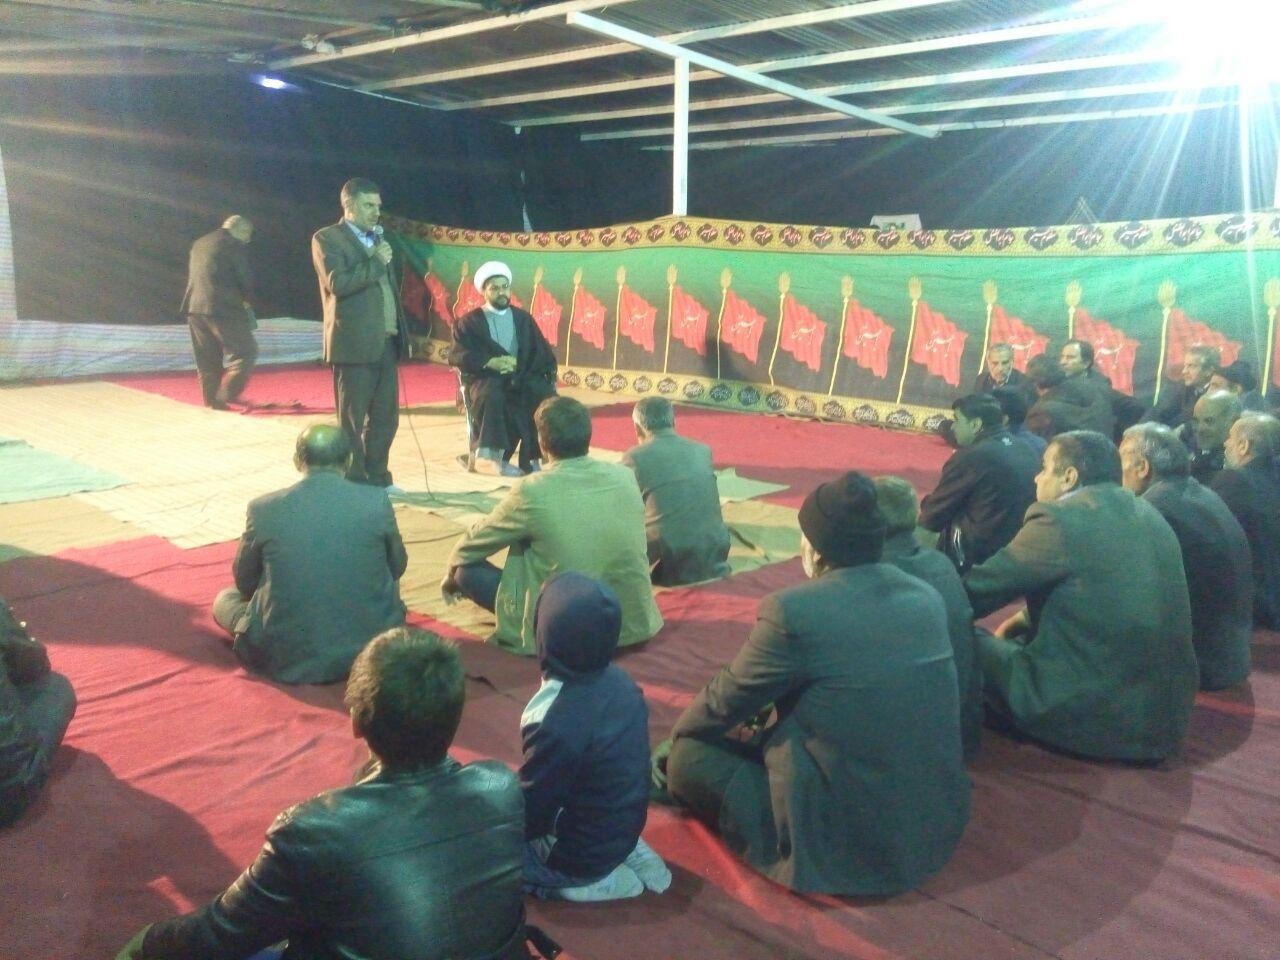 حضور و سخنرانی امام جمعه محترم شهر قهدریجان در مراسم دعای کمیل در خیمه کنار قبور شهدای گمنام